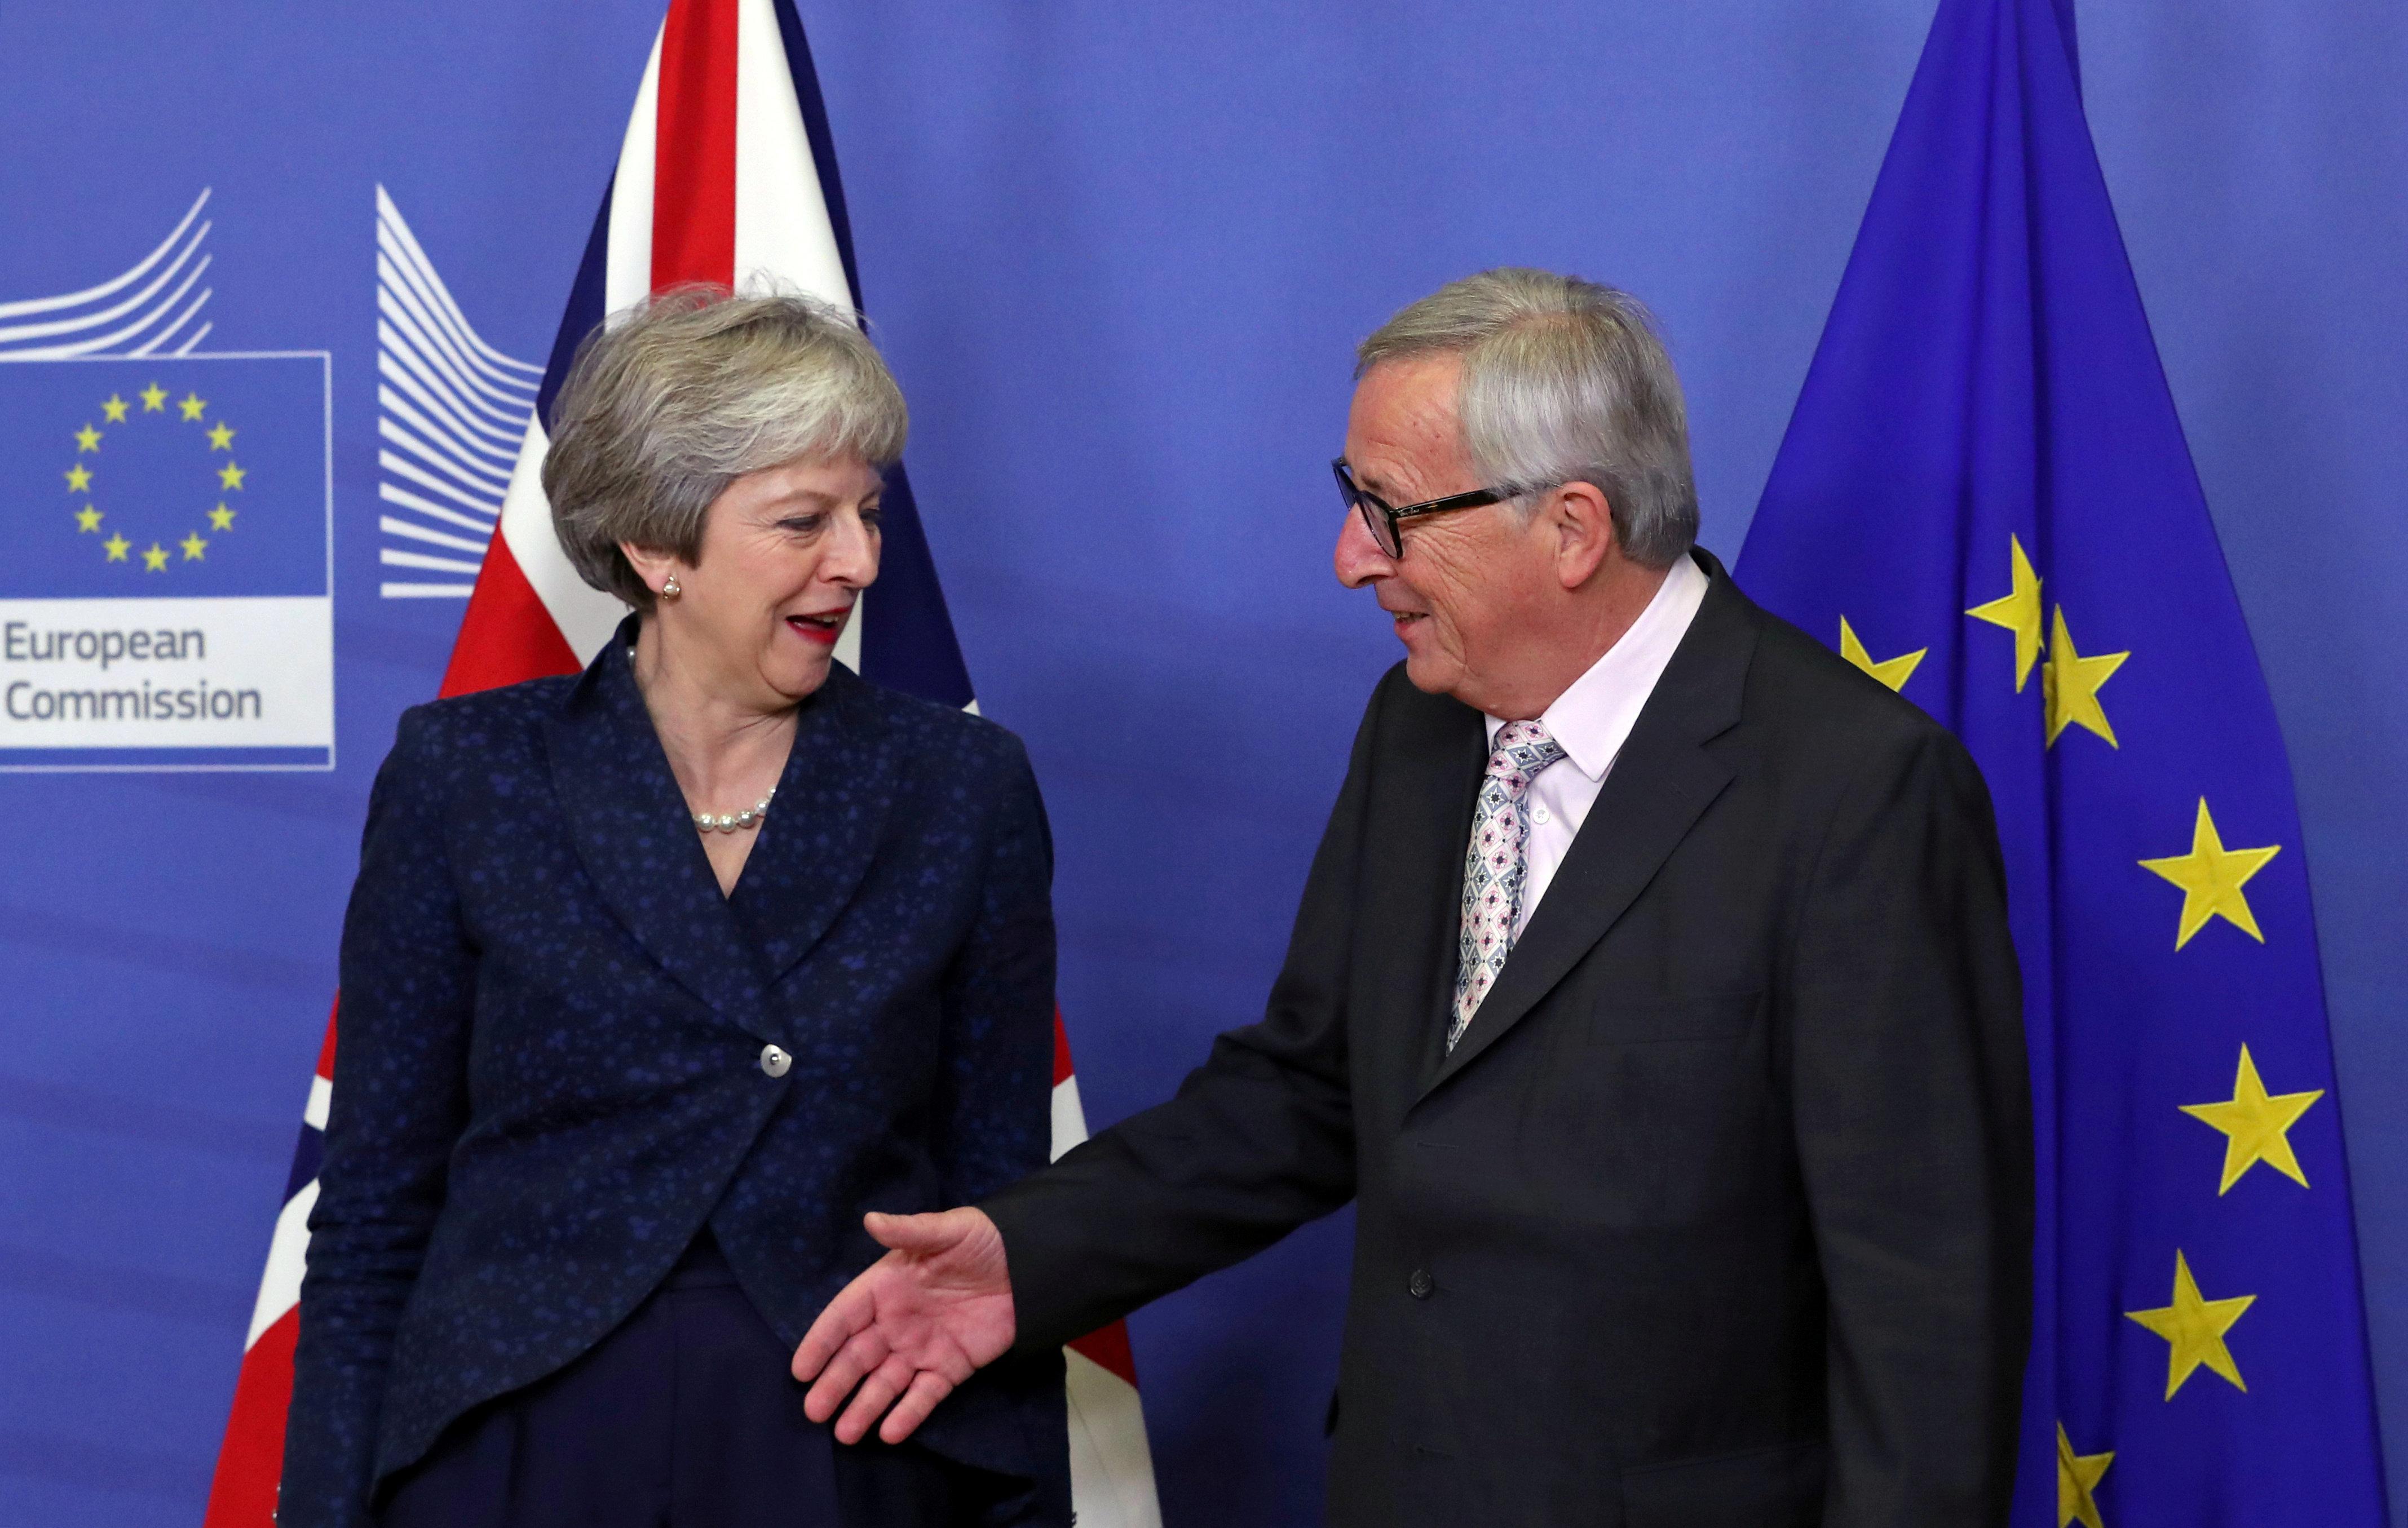 Les Européens scellent un divorce historique avec le